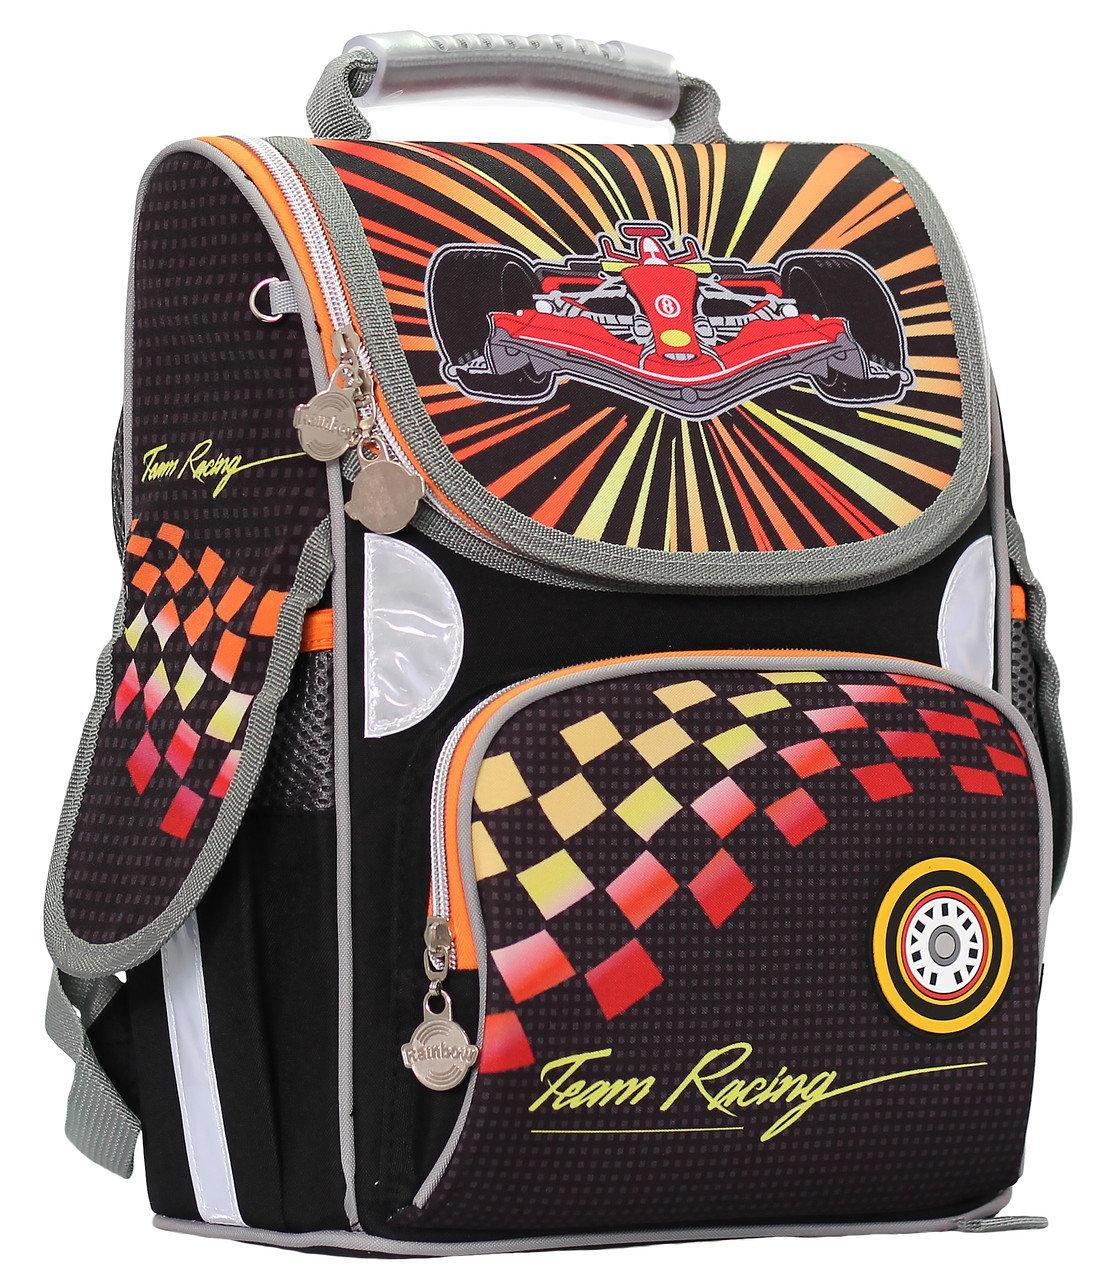 Рюкзак ранец школьный каркасный Team Racing ортопедический RAINBOW